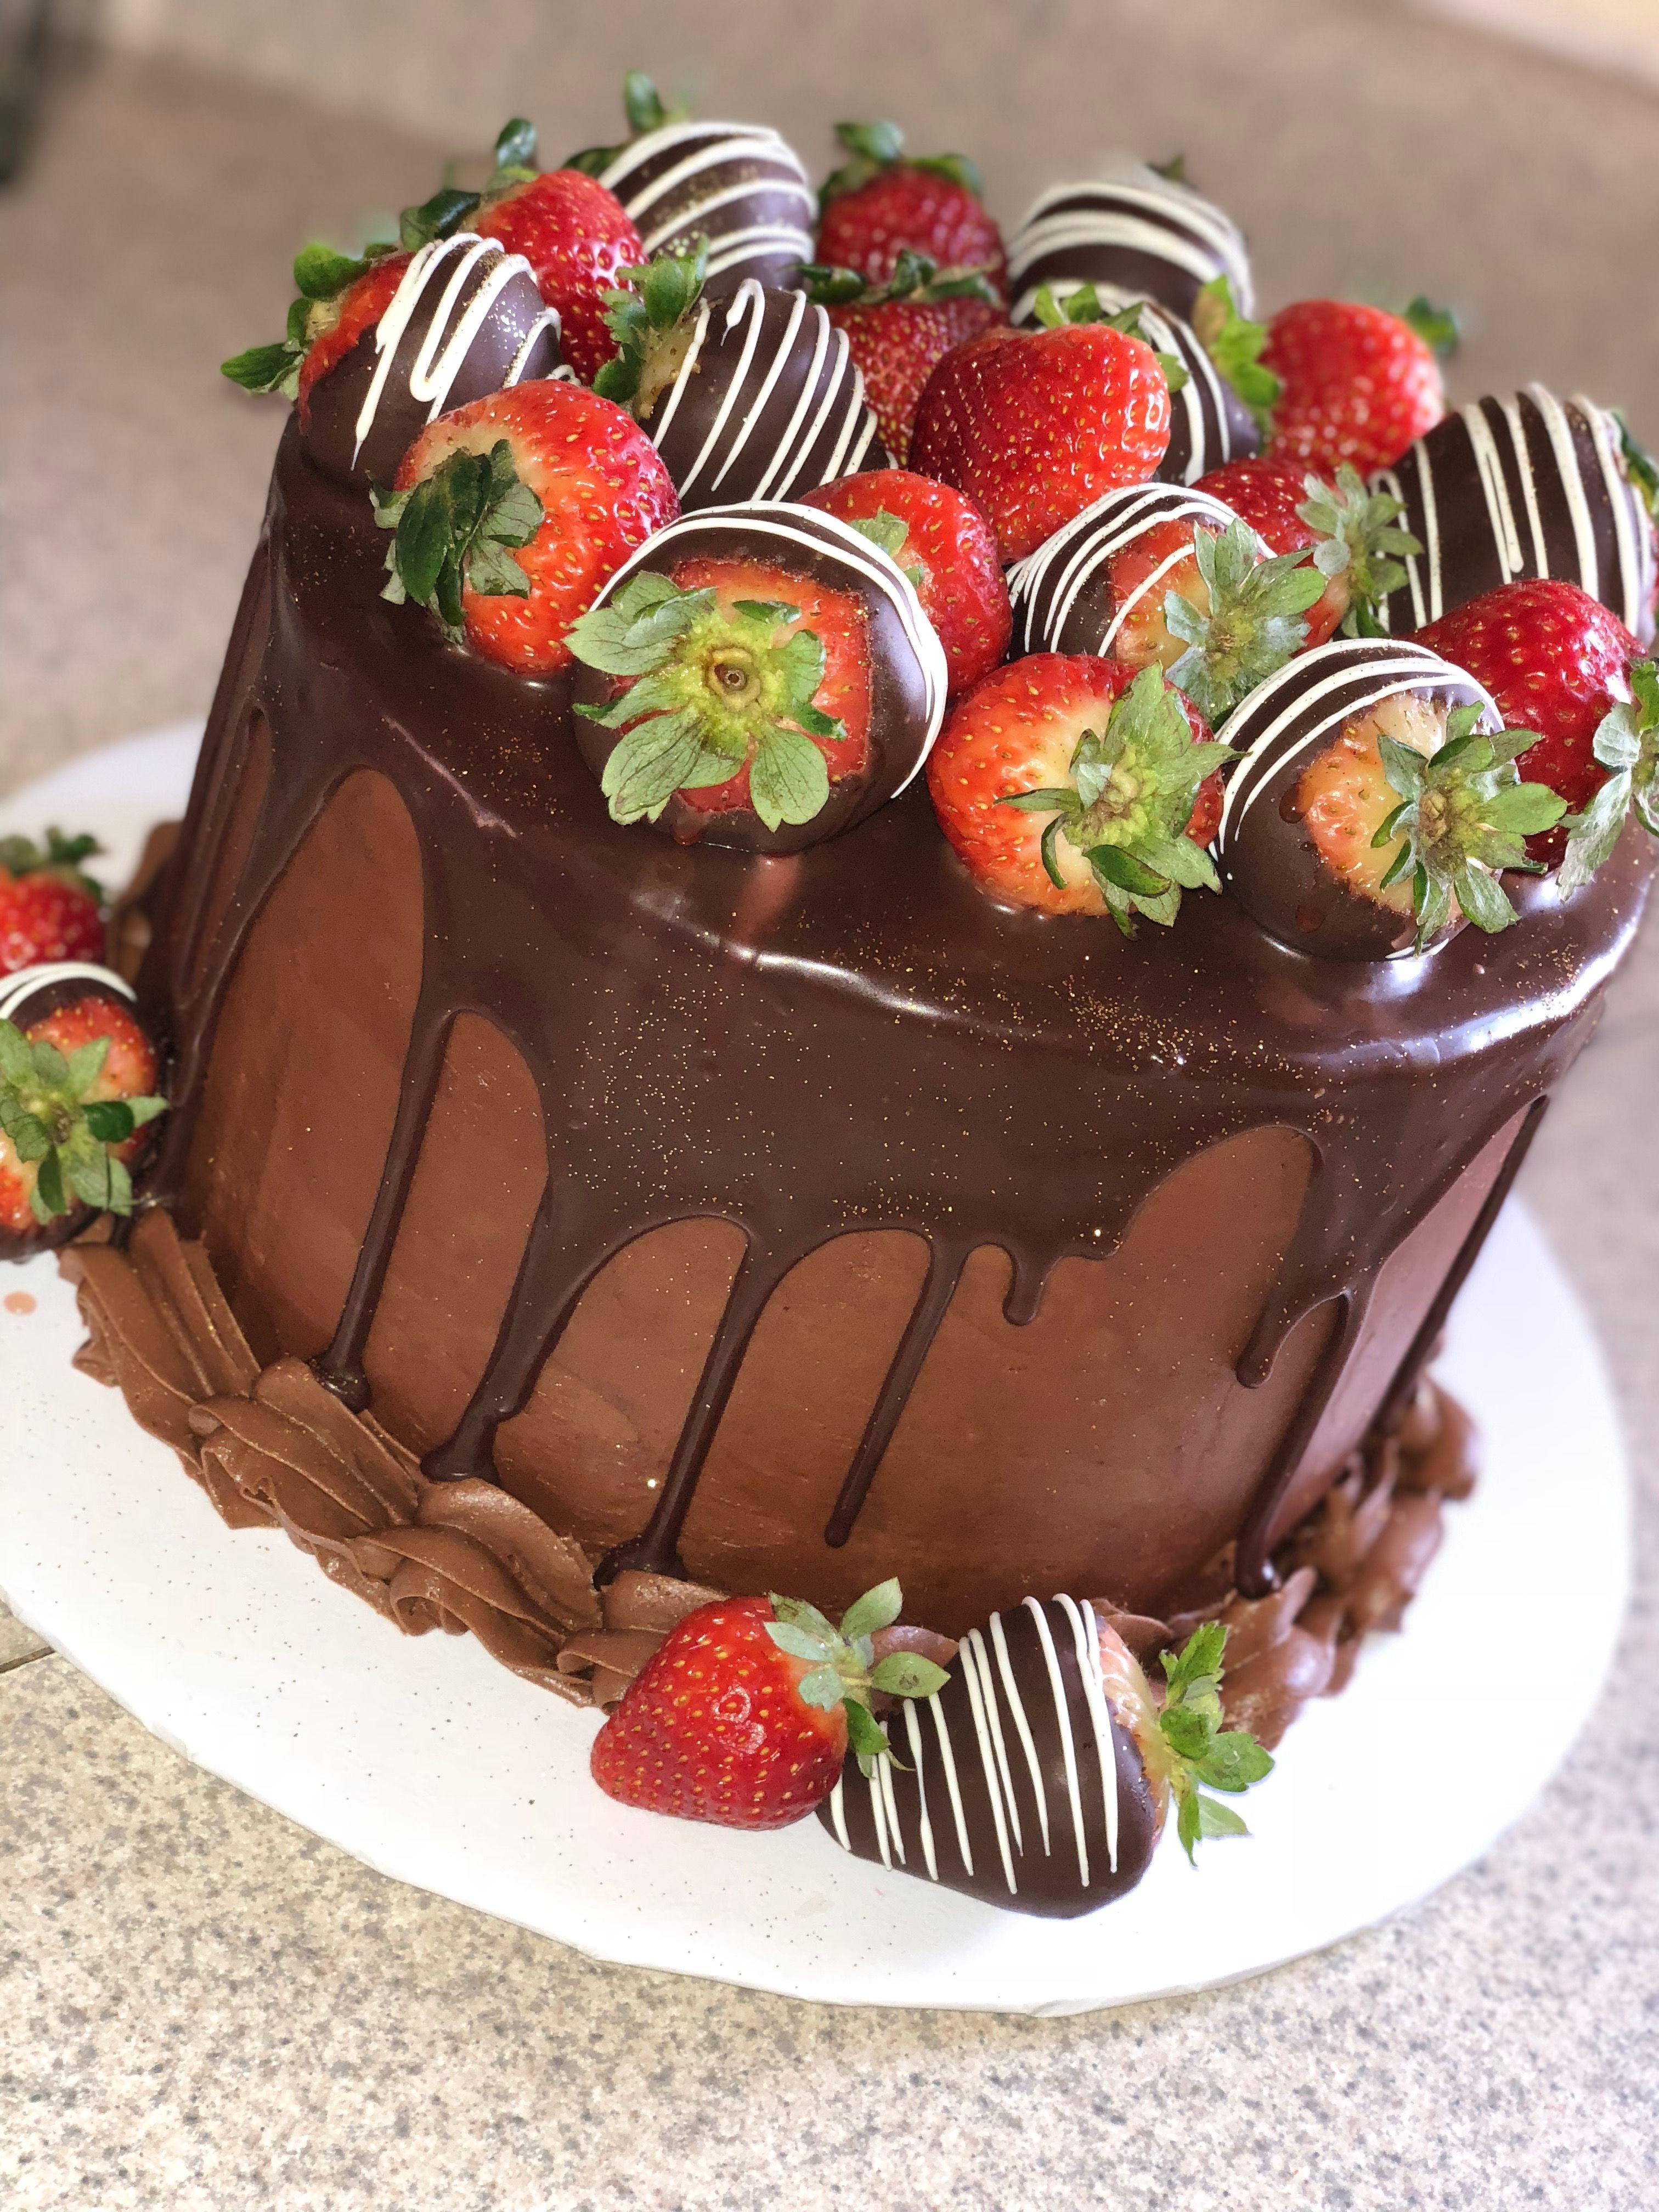 протекающие оформление торта клубникой и шоколадом фото ним находится